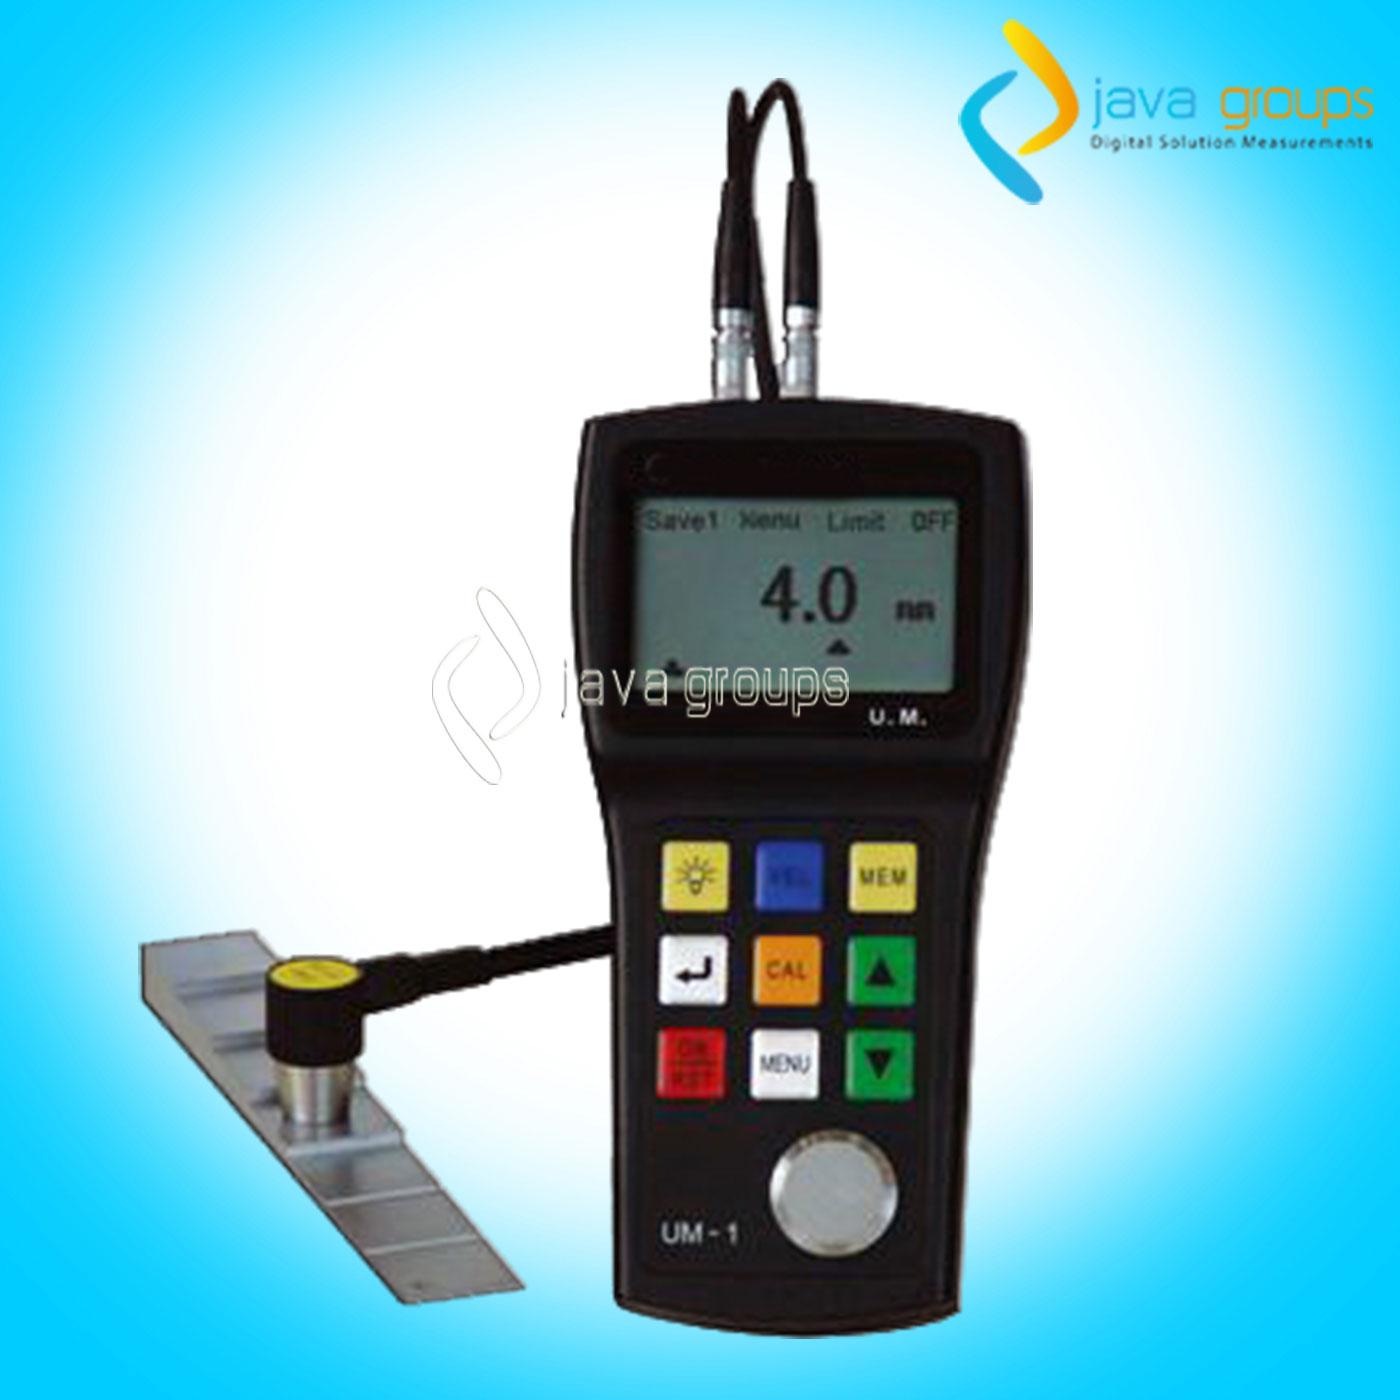 Thickness Meter Alat Pengukur Ketebalan Ultrasonic UM Series